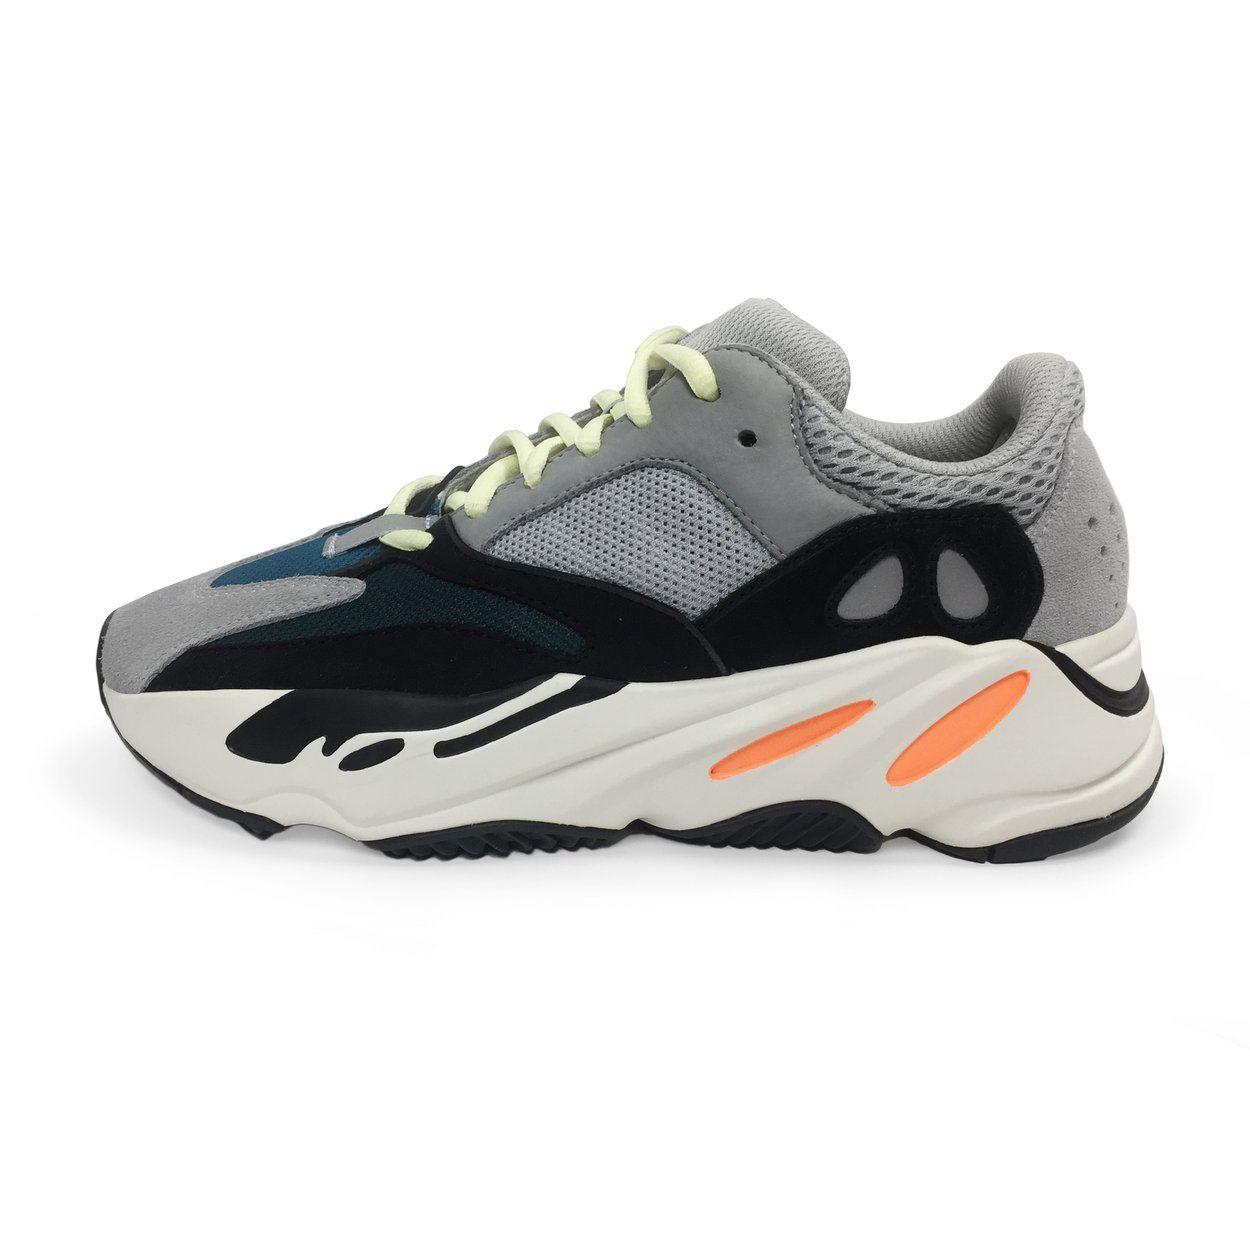 b8a6deeb14c adidas Yeezy Boost 700 Wave Runner cập bến -  300 cho một đôi